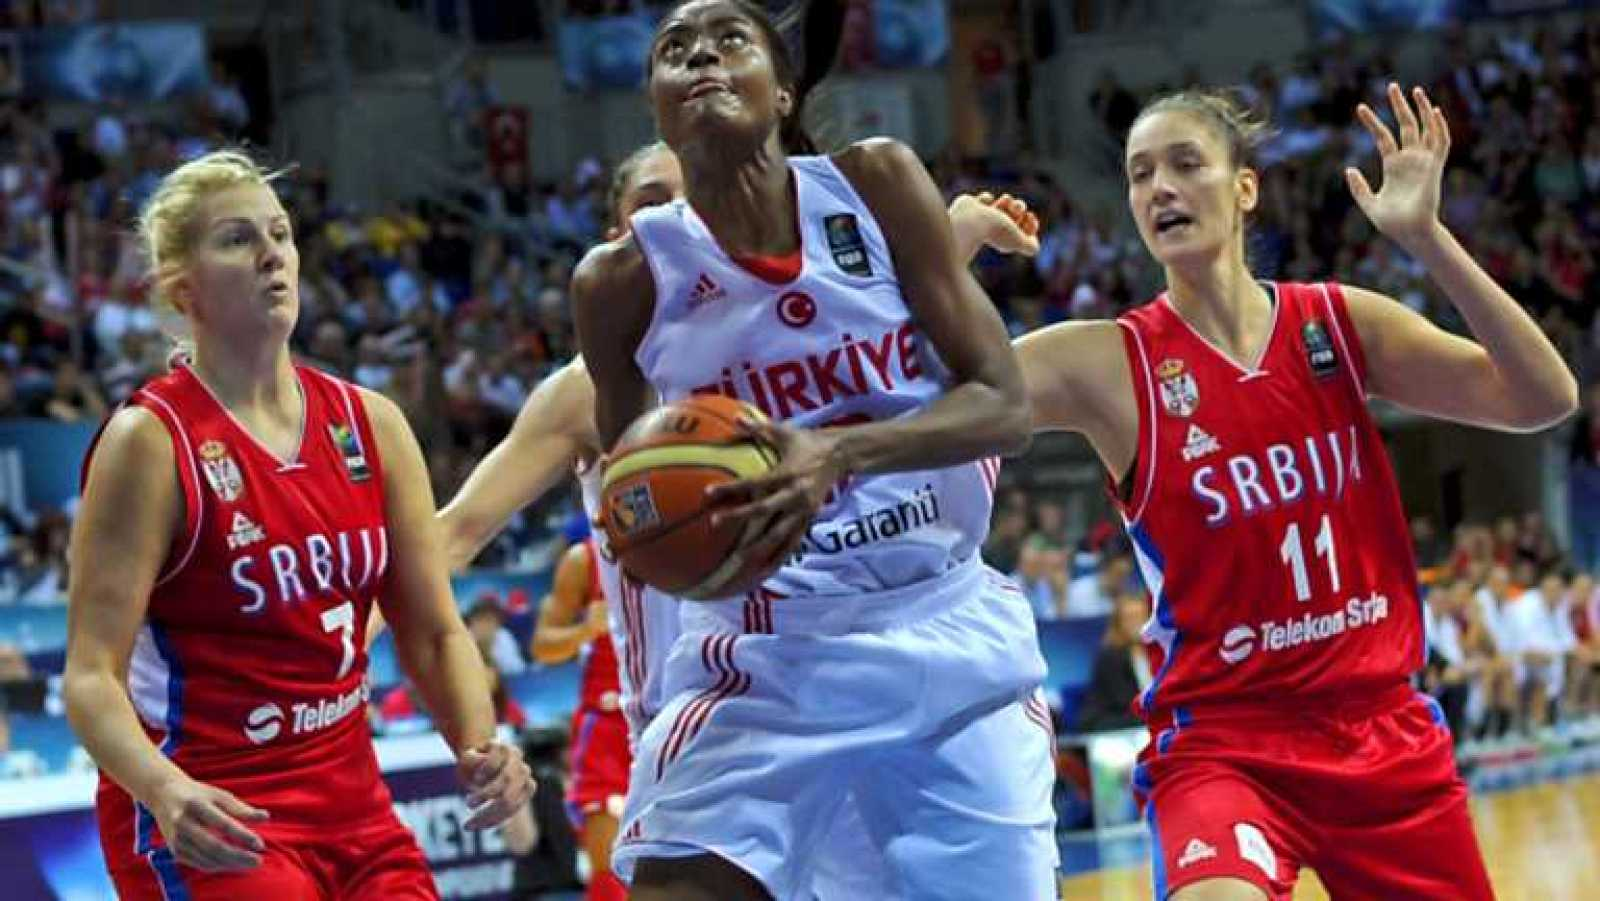 Baloncesto femenino - Campeonato del Mundo, cuartos de final ...